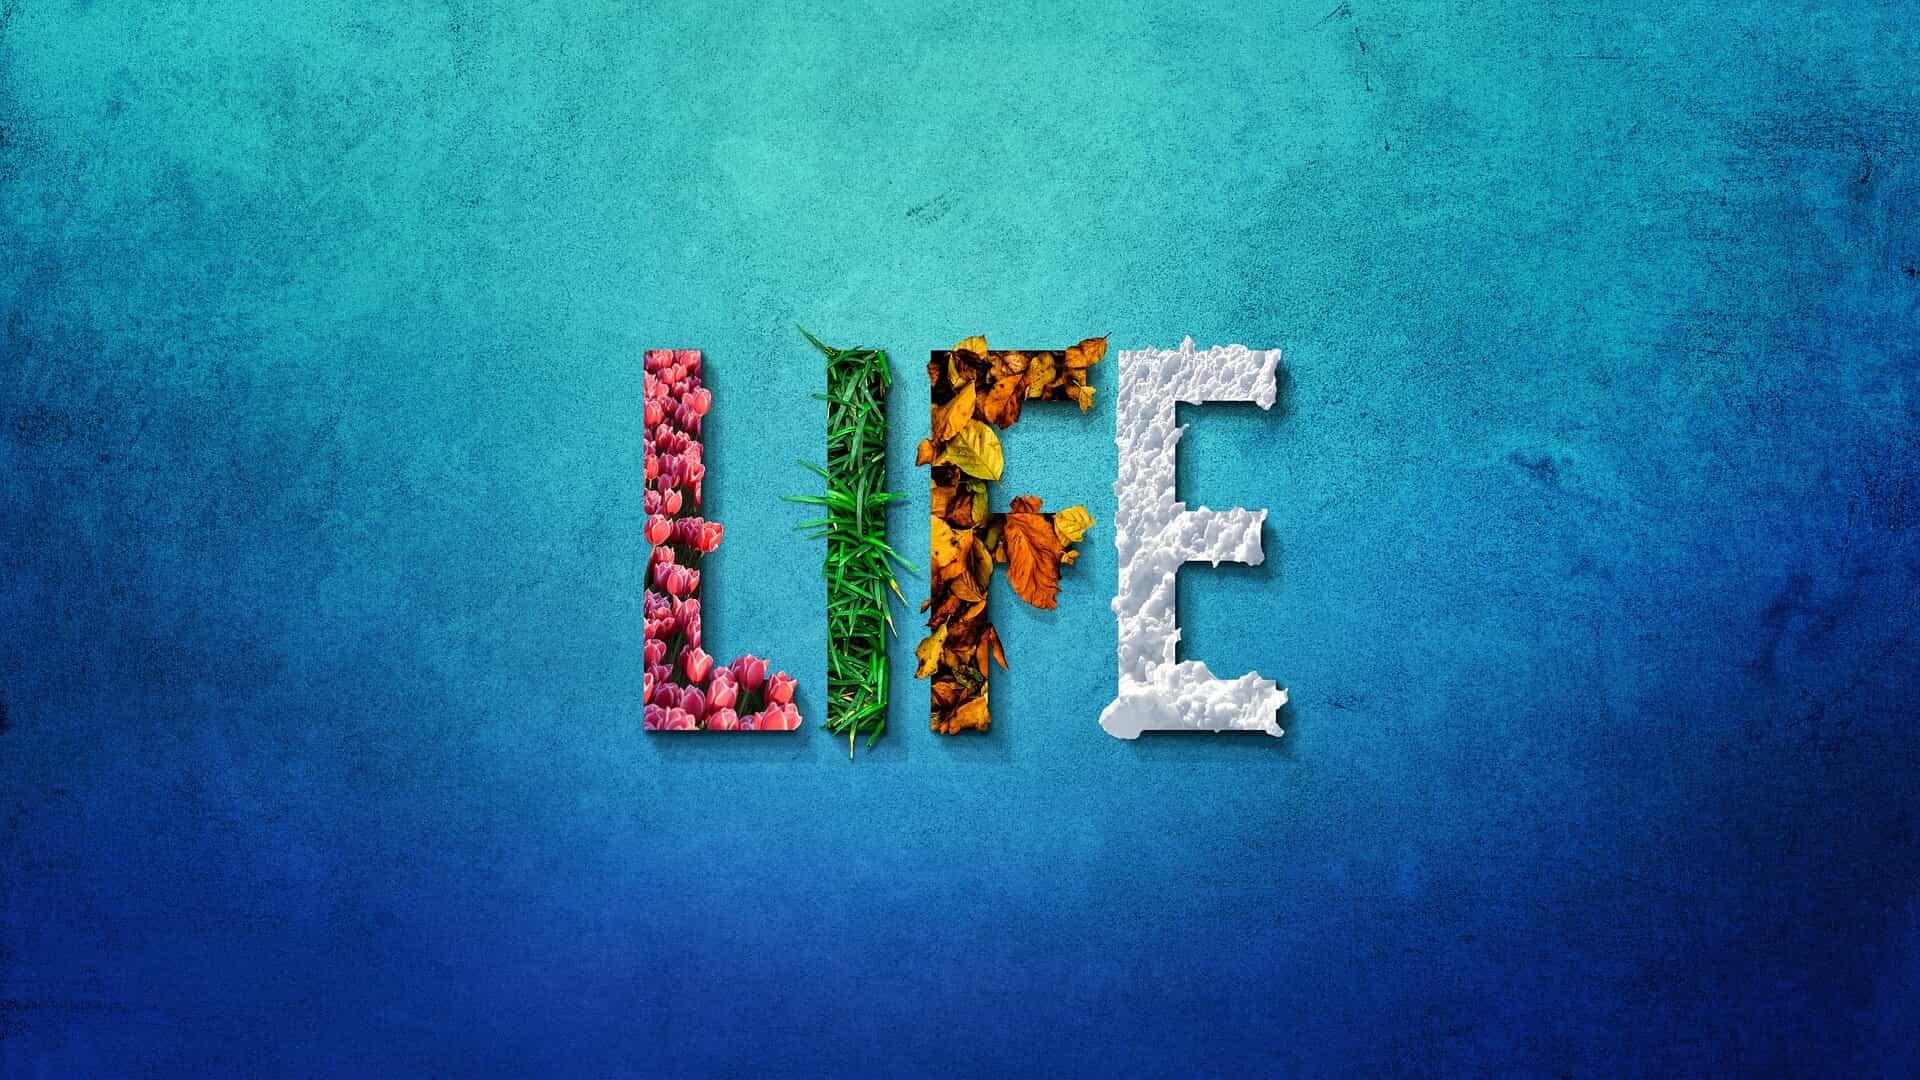 Hình nền máy tính cuộc sống tươi đẹp LIFE